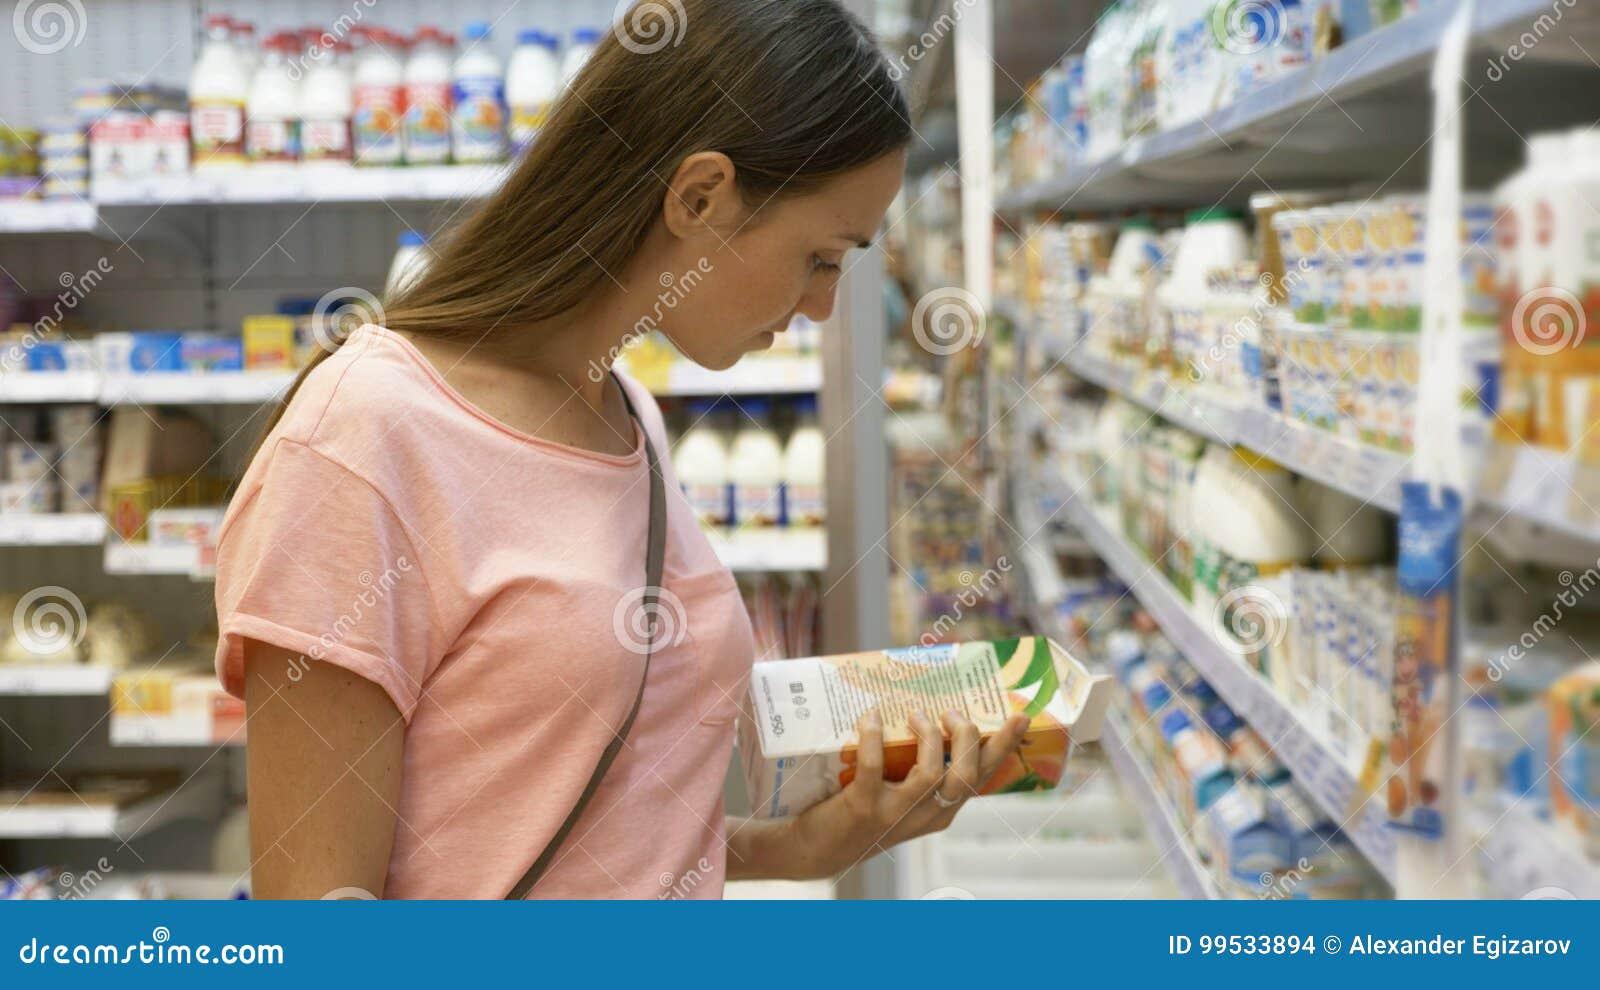 Γυναίκα που επιλέγει τα γαλακτοκομικά τρόφιμα στο ψυγείο στο τμήμα παντοπωλείων λεωφόρου αγορών